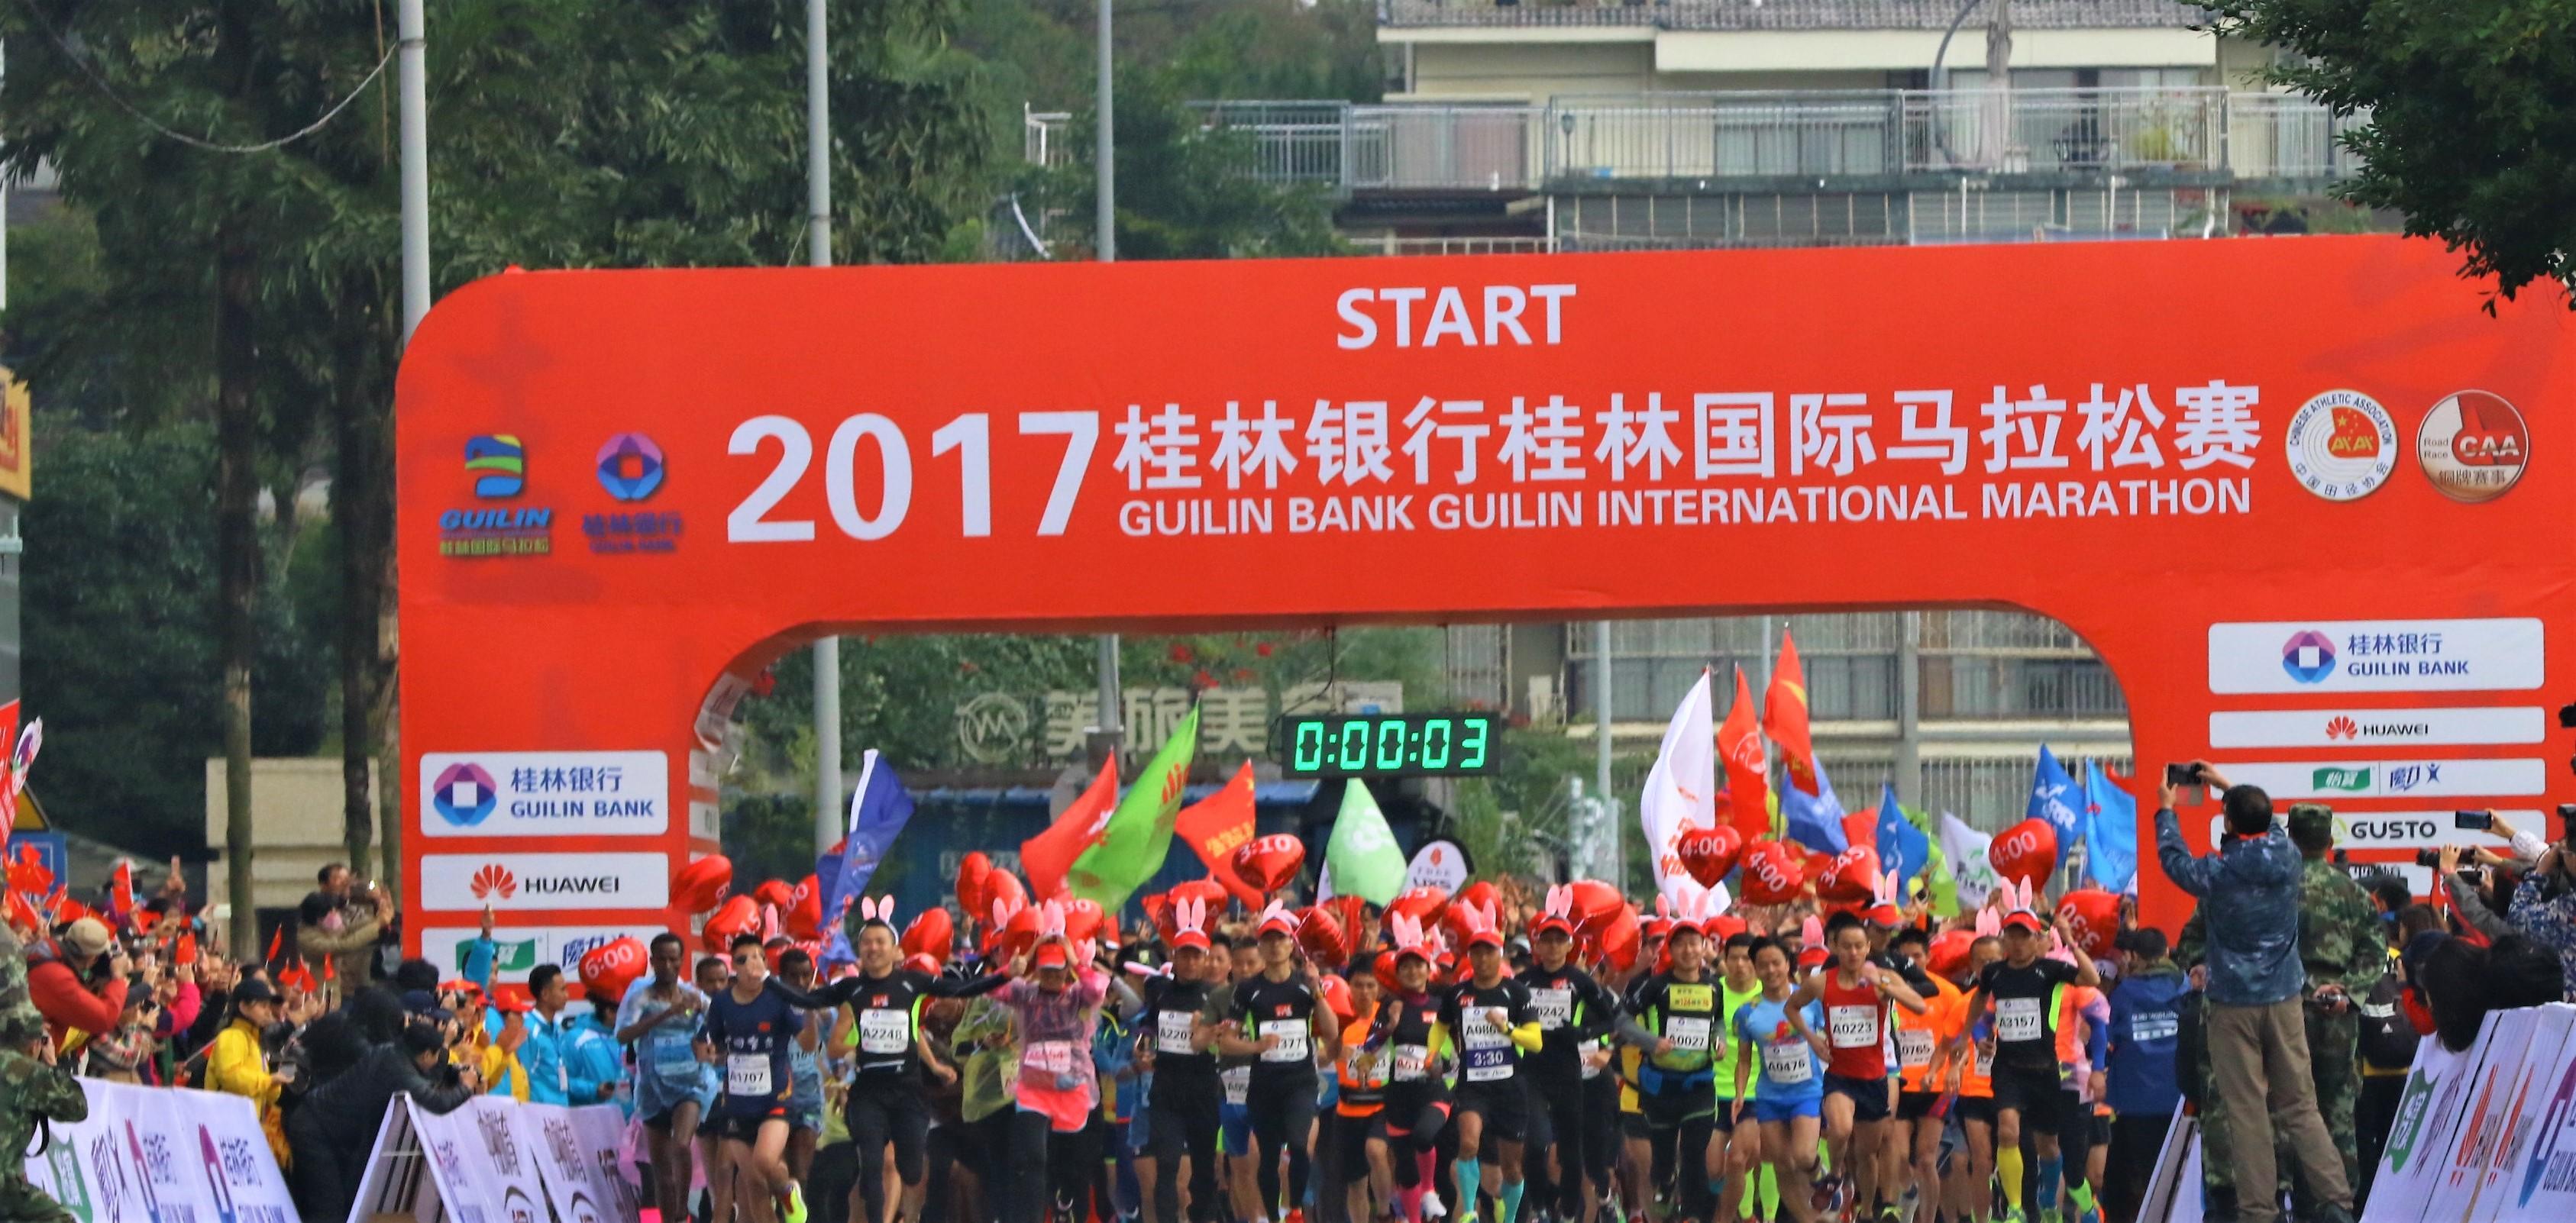 http://img.sport-china.cn/180627235b33a740d6c38.jpeg